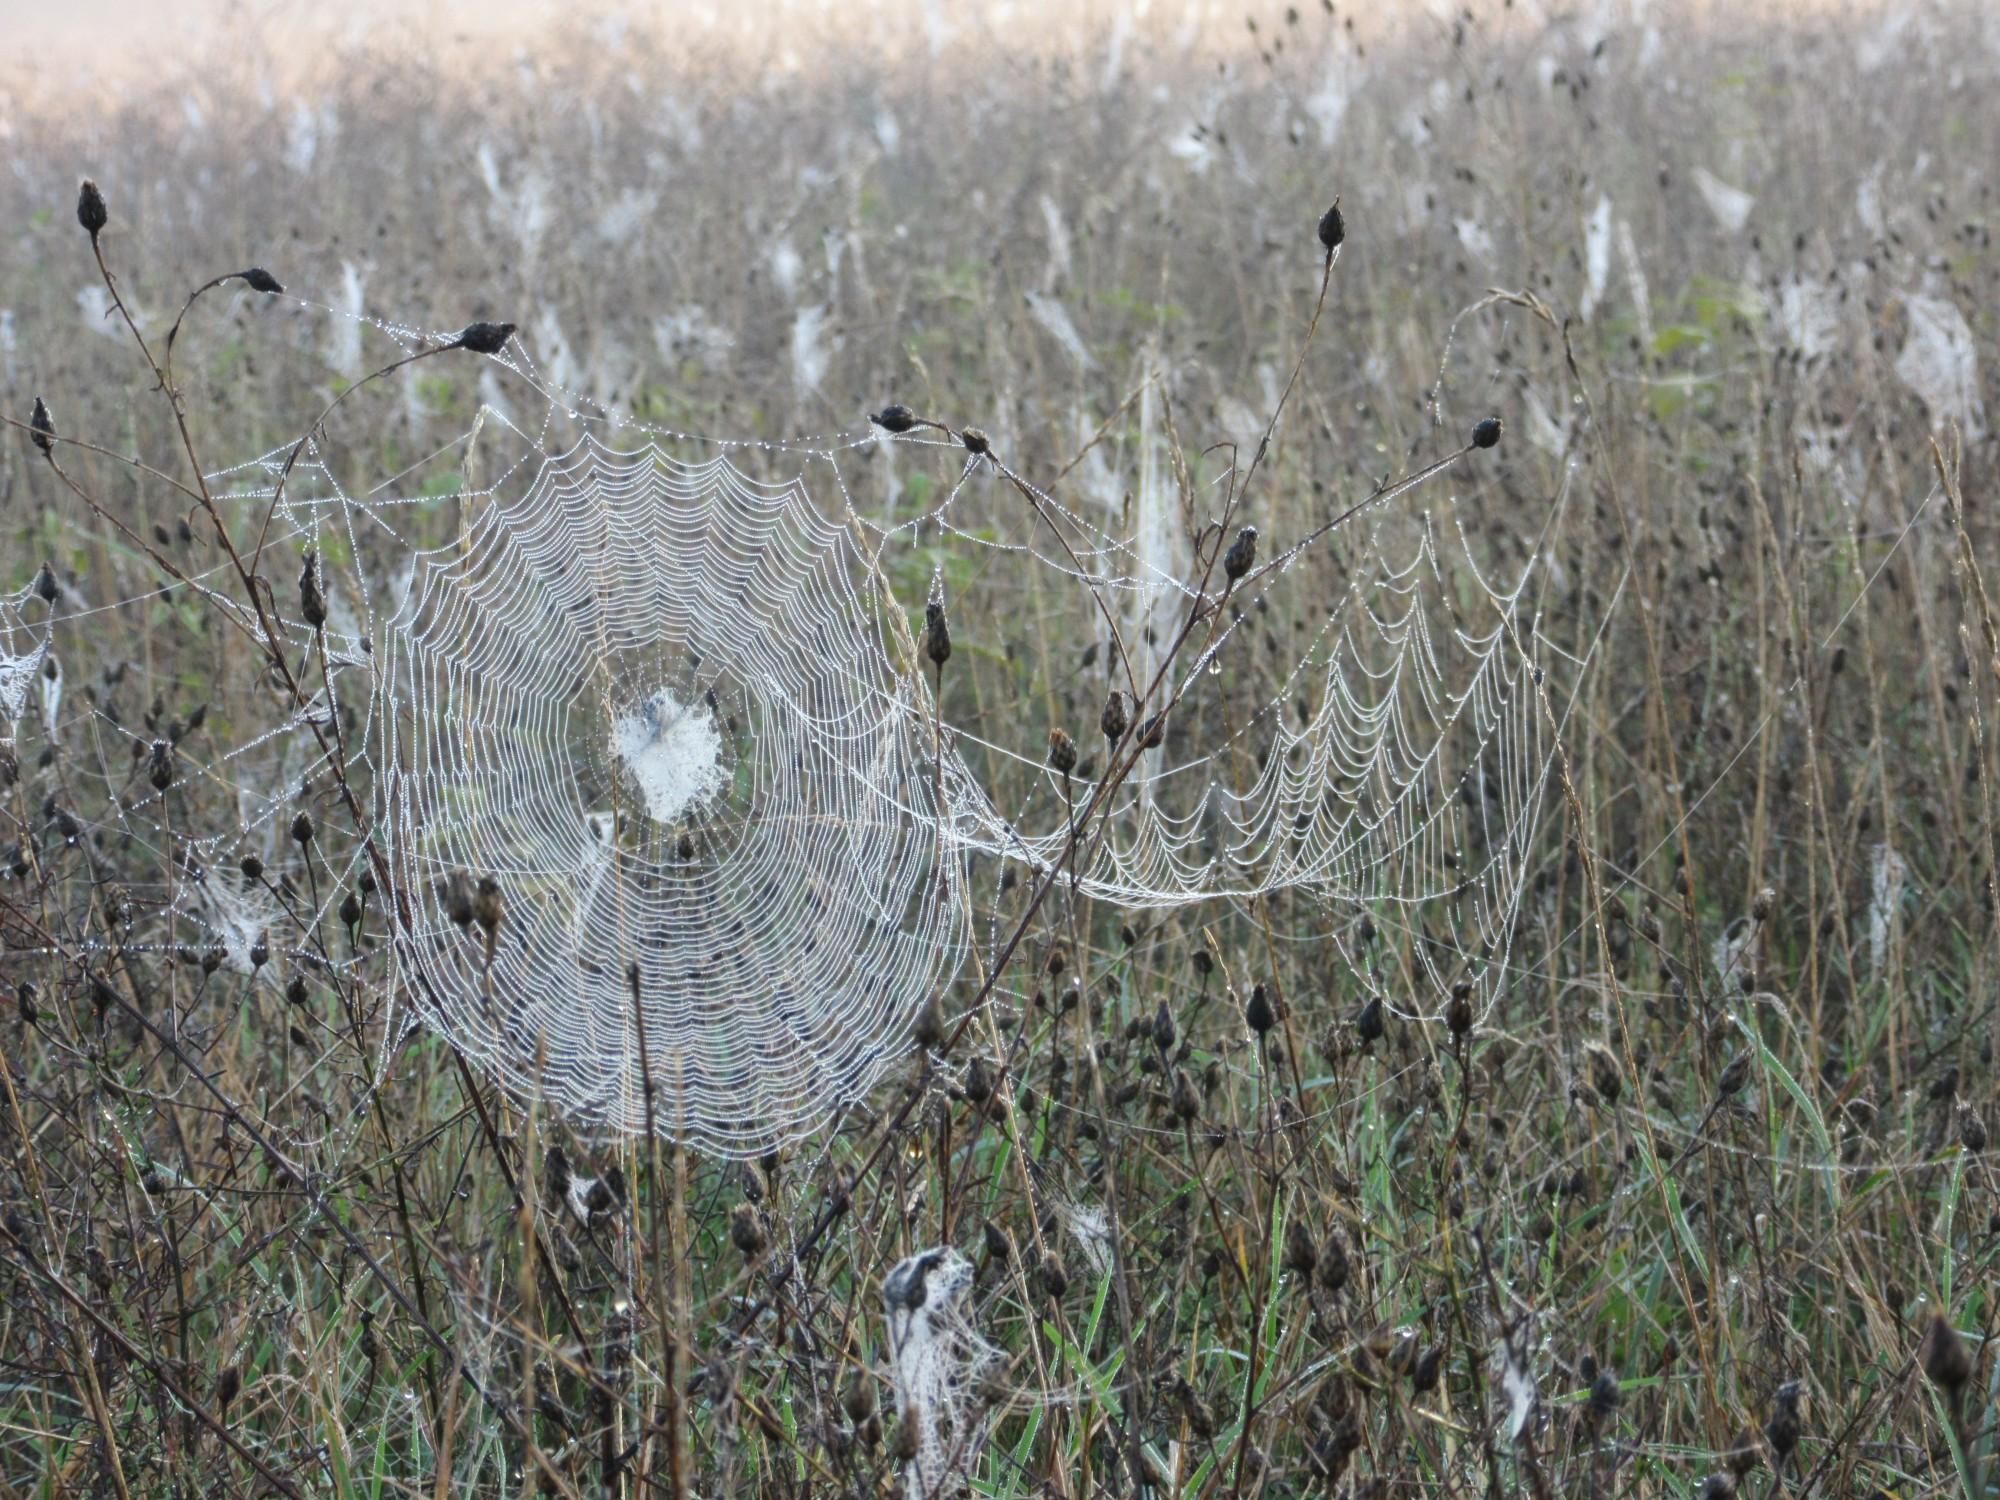 A wet web...